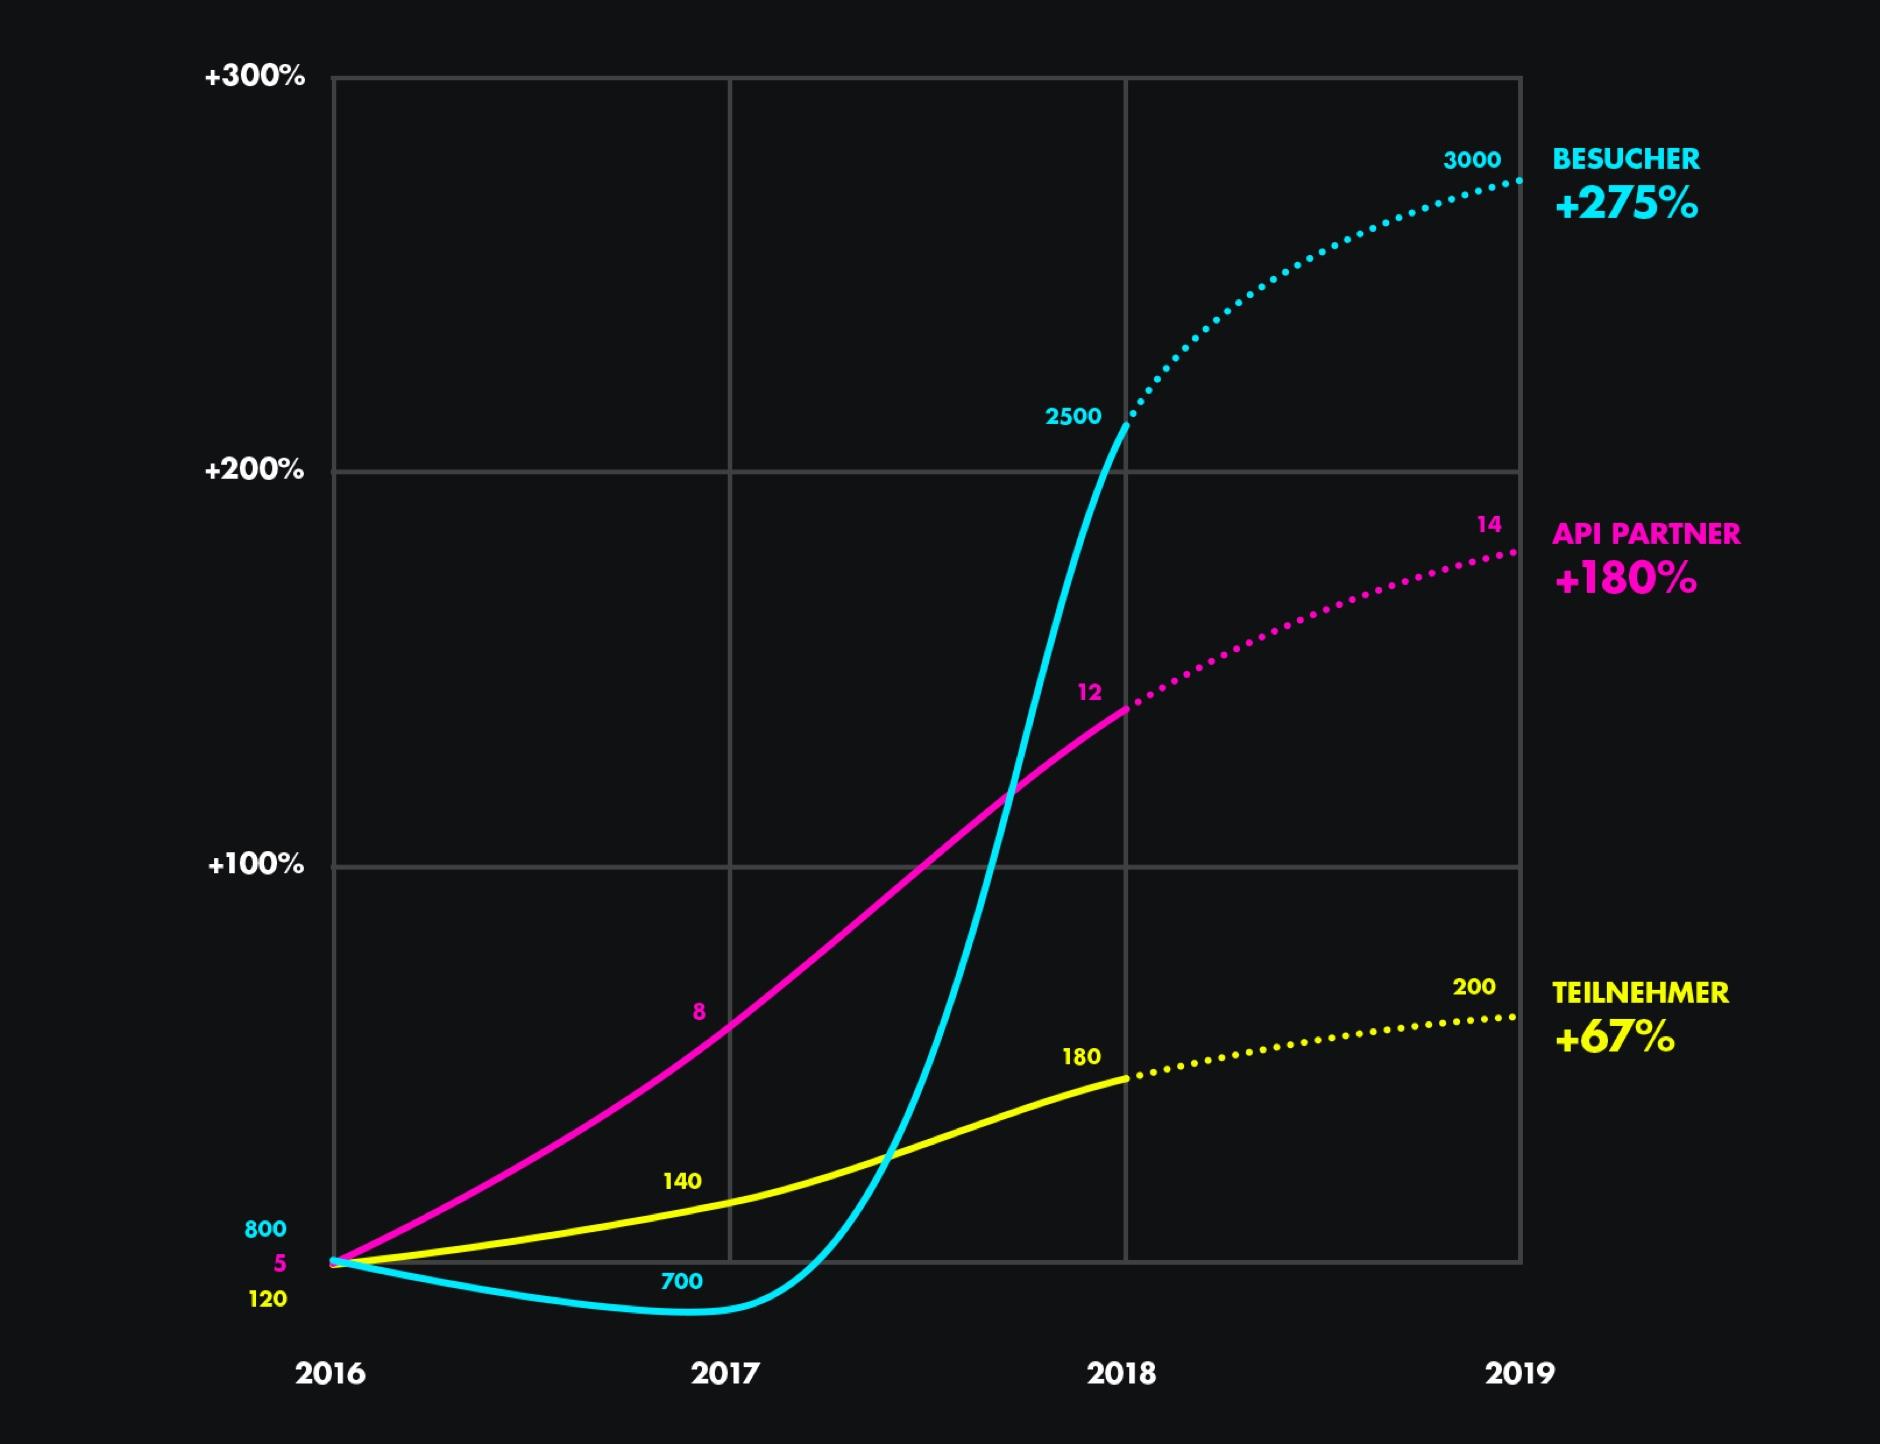 Graph mit Entwicklungen im Vergleich zum Jahr 2016 mit Prognose für 2019. Besucher +275%. API Partner +180%. Teilnehmer +67%